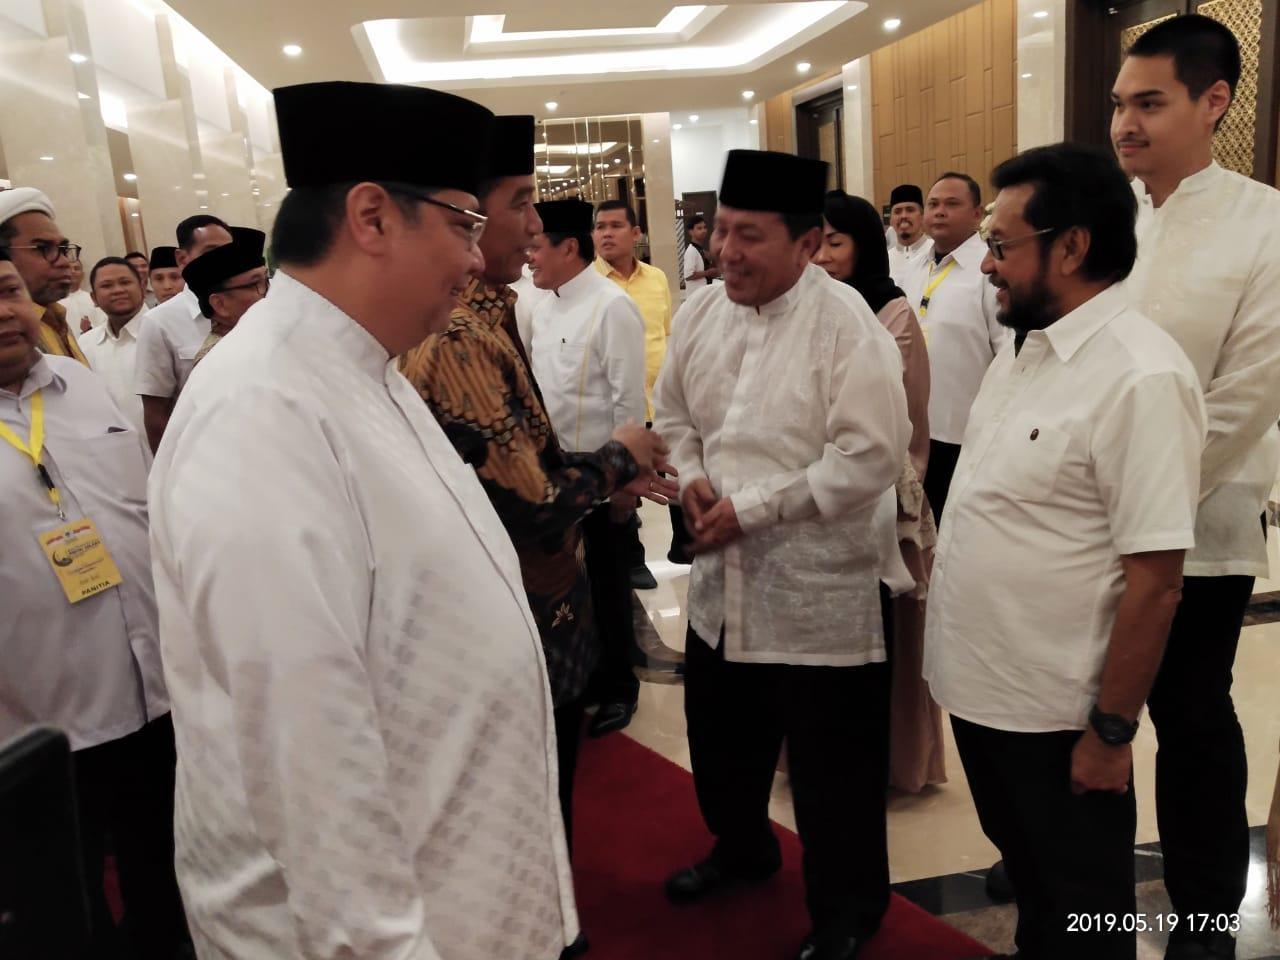 Hadiri Buka Puasa Bersama DPP Partai Golkar, Arinal Bertemu Jokowi